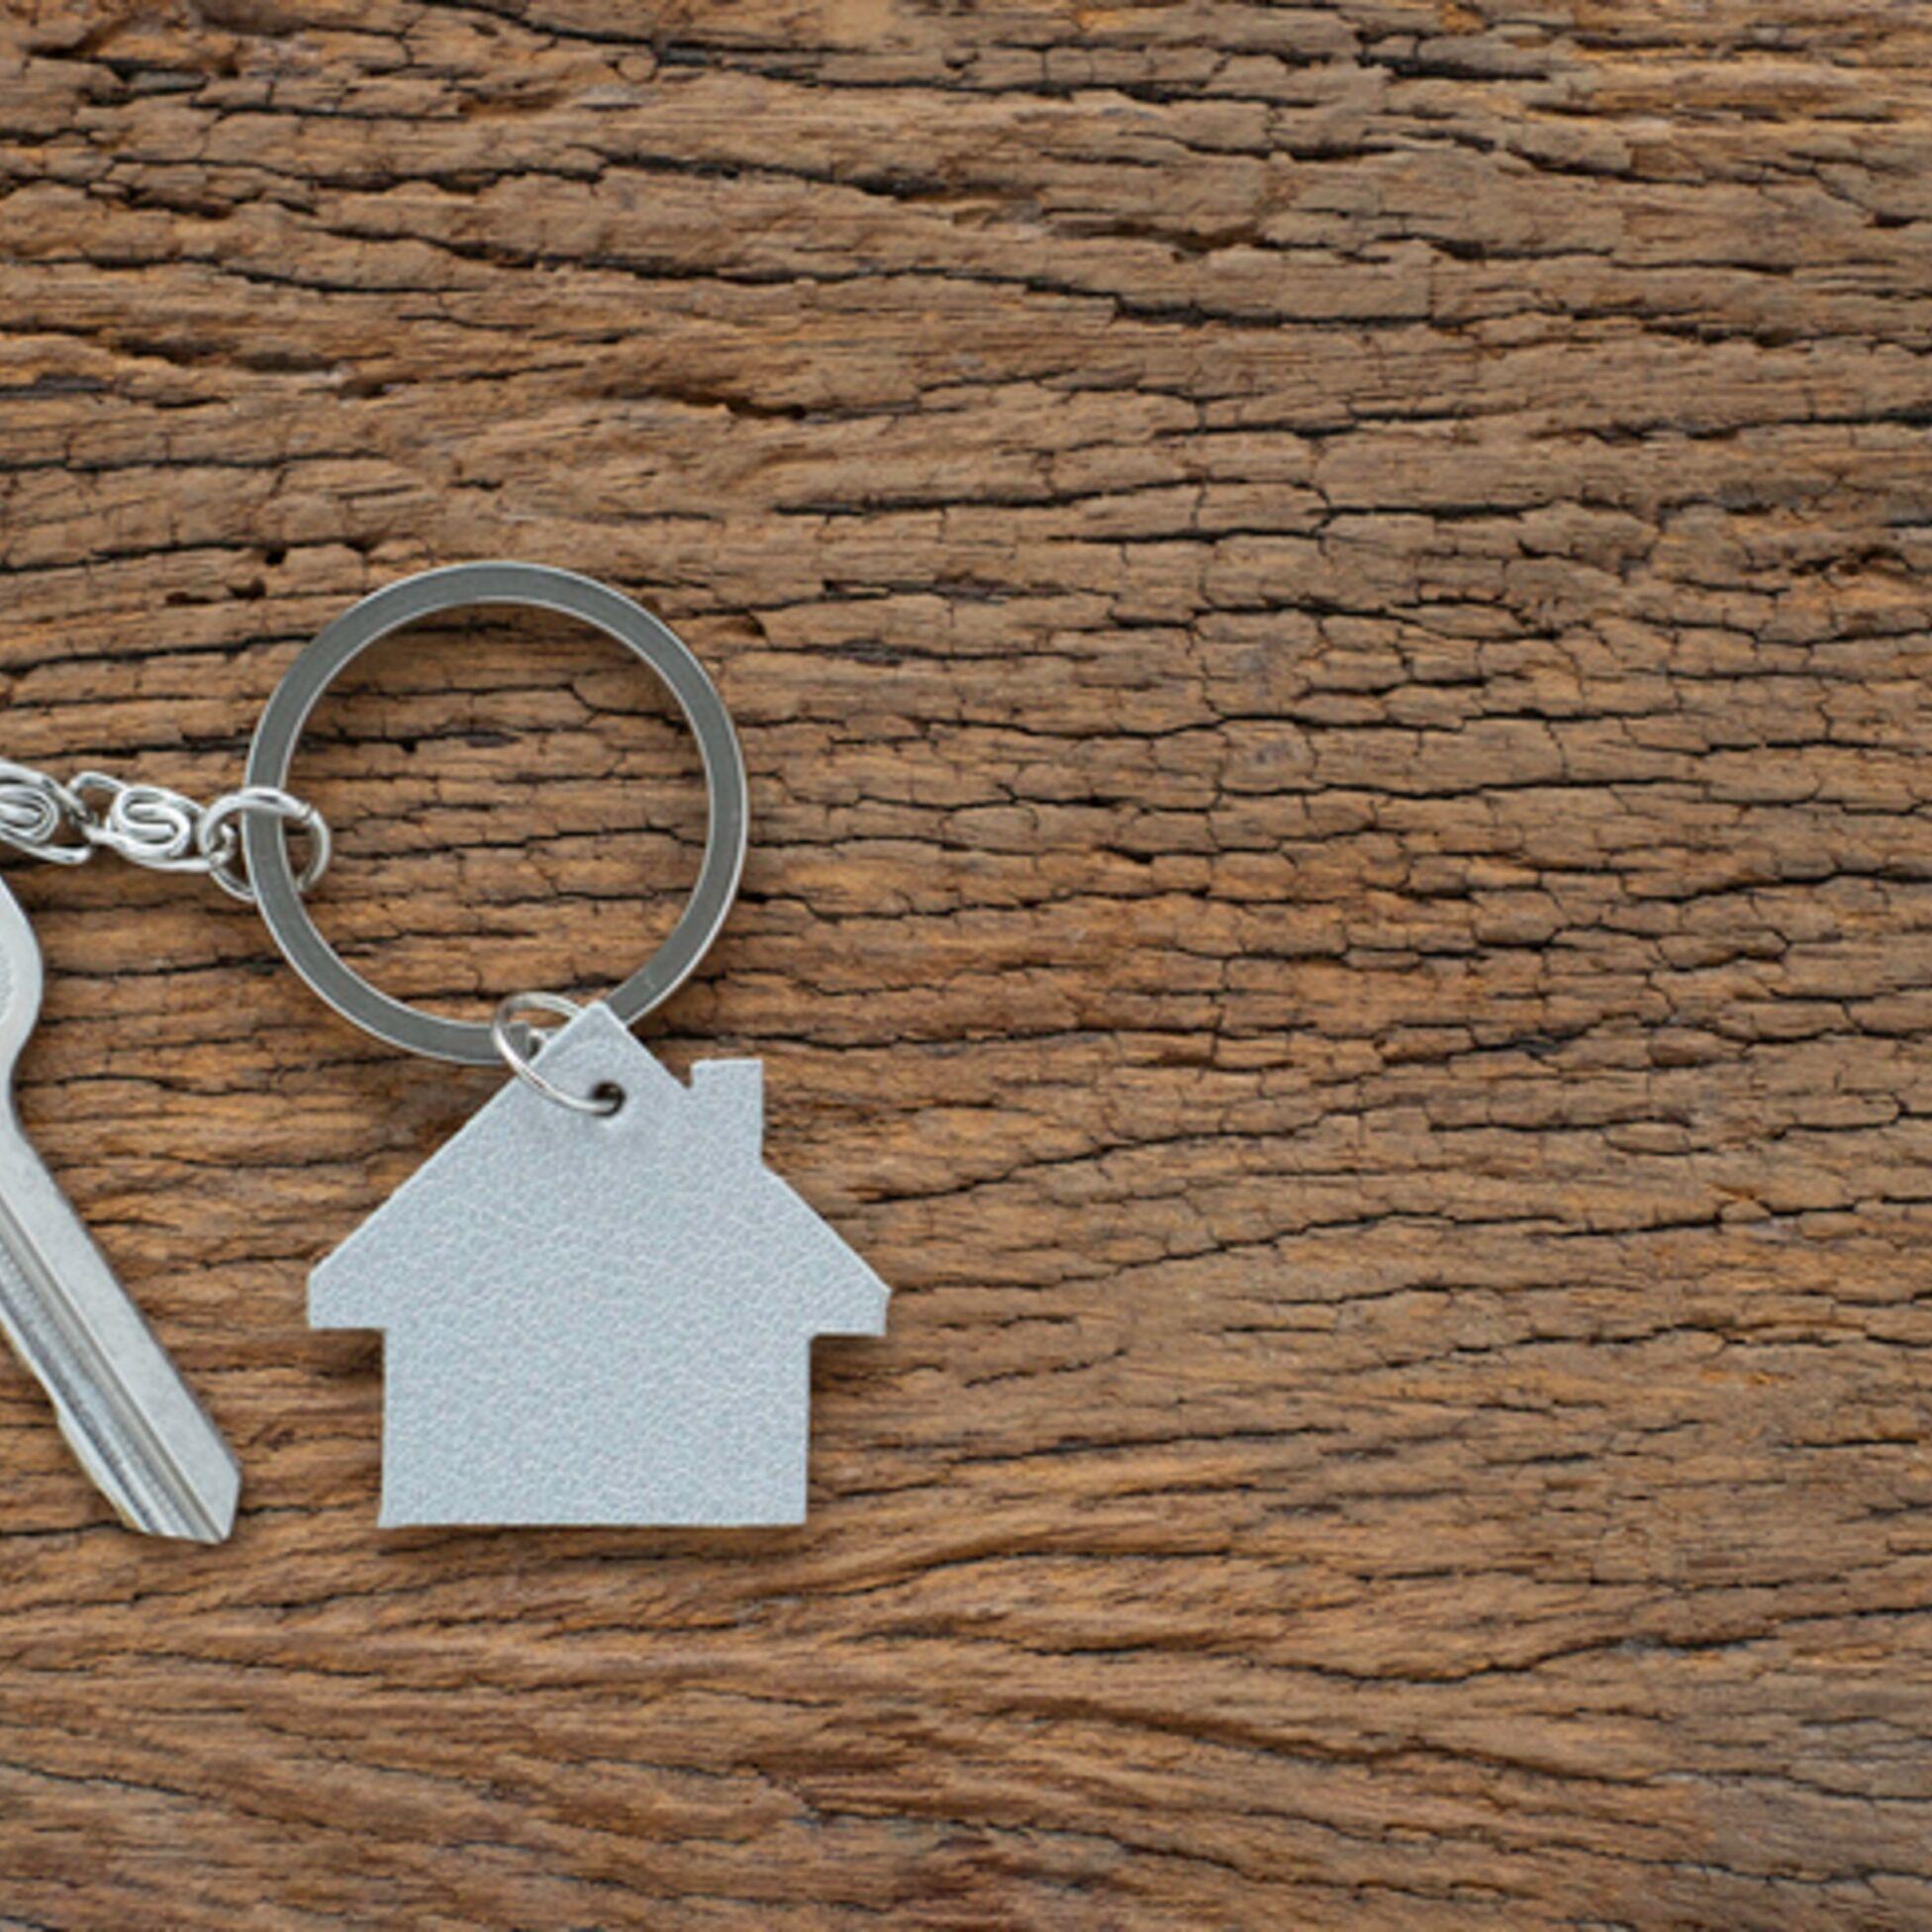 Wohnungsschlüssel verloren